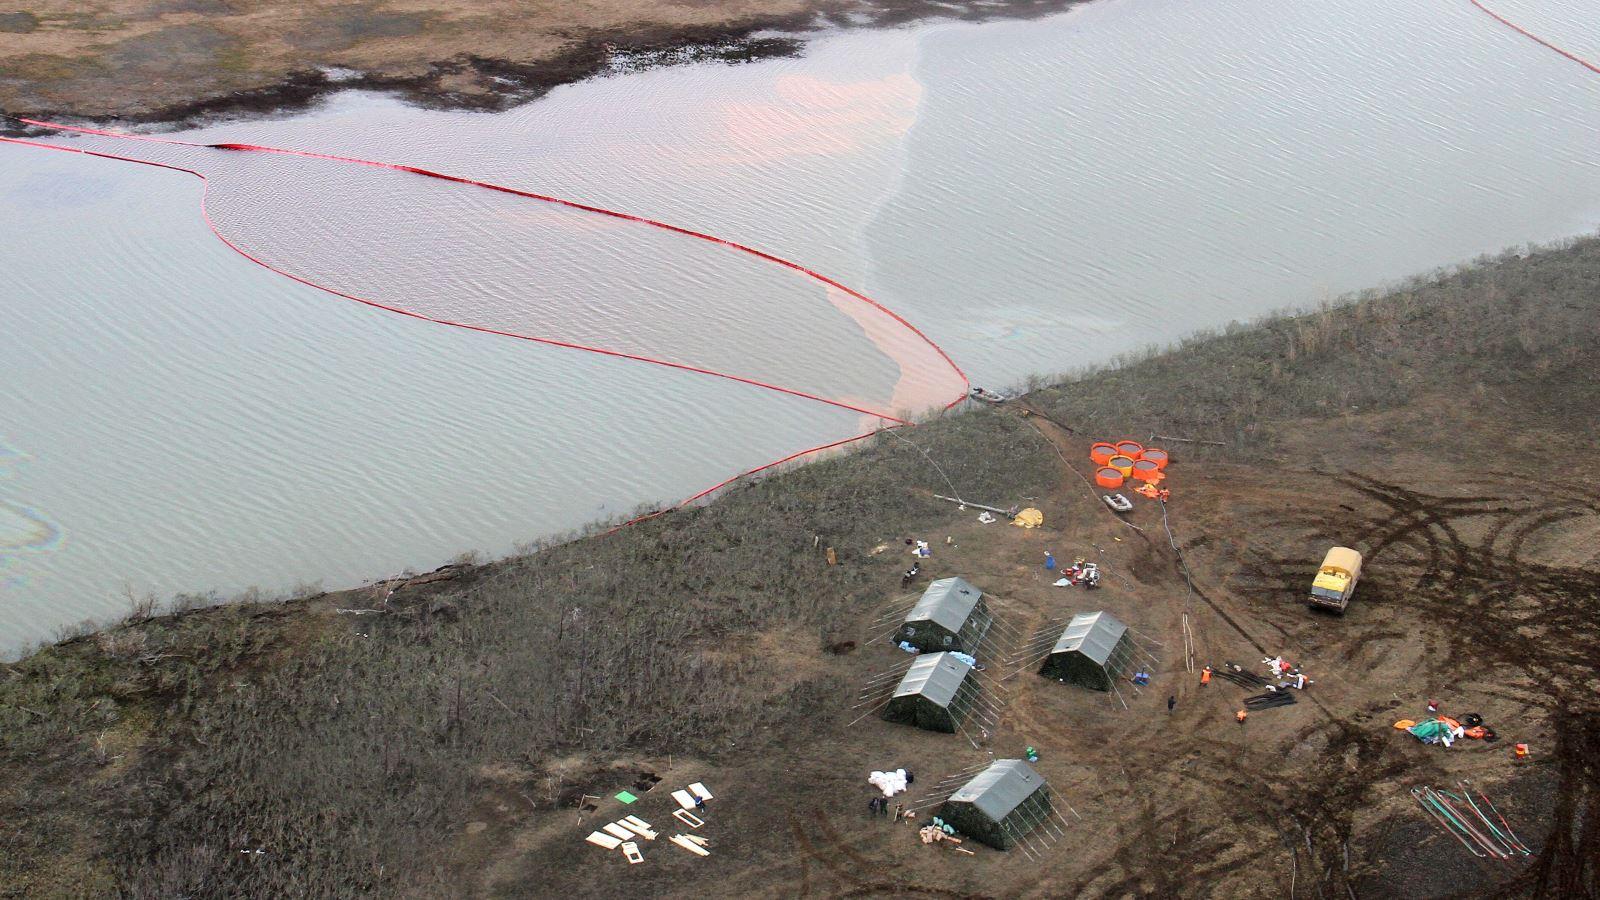 Hơn 20.000 tấn dầu tràn ra sông ở Siberia, Nga tuyên bố tình trạng khẩn cấp